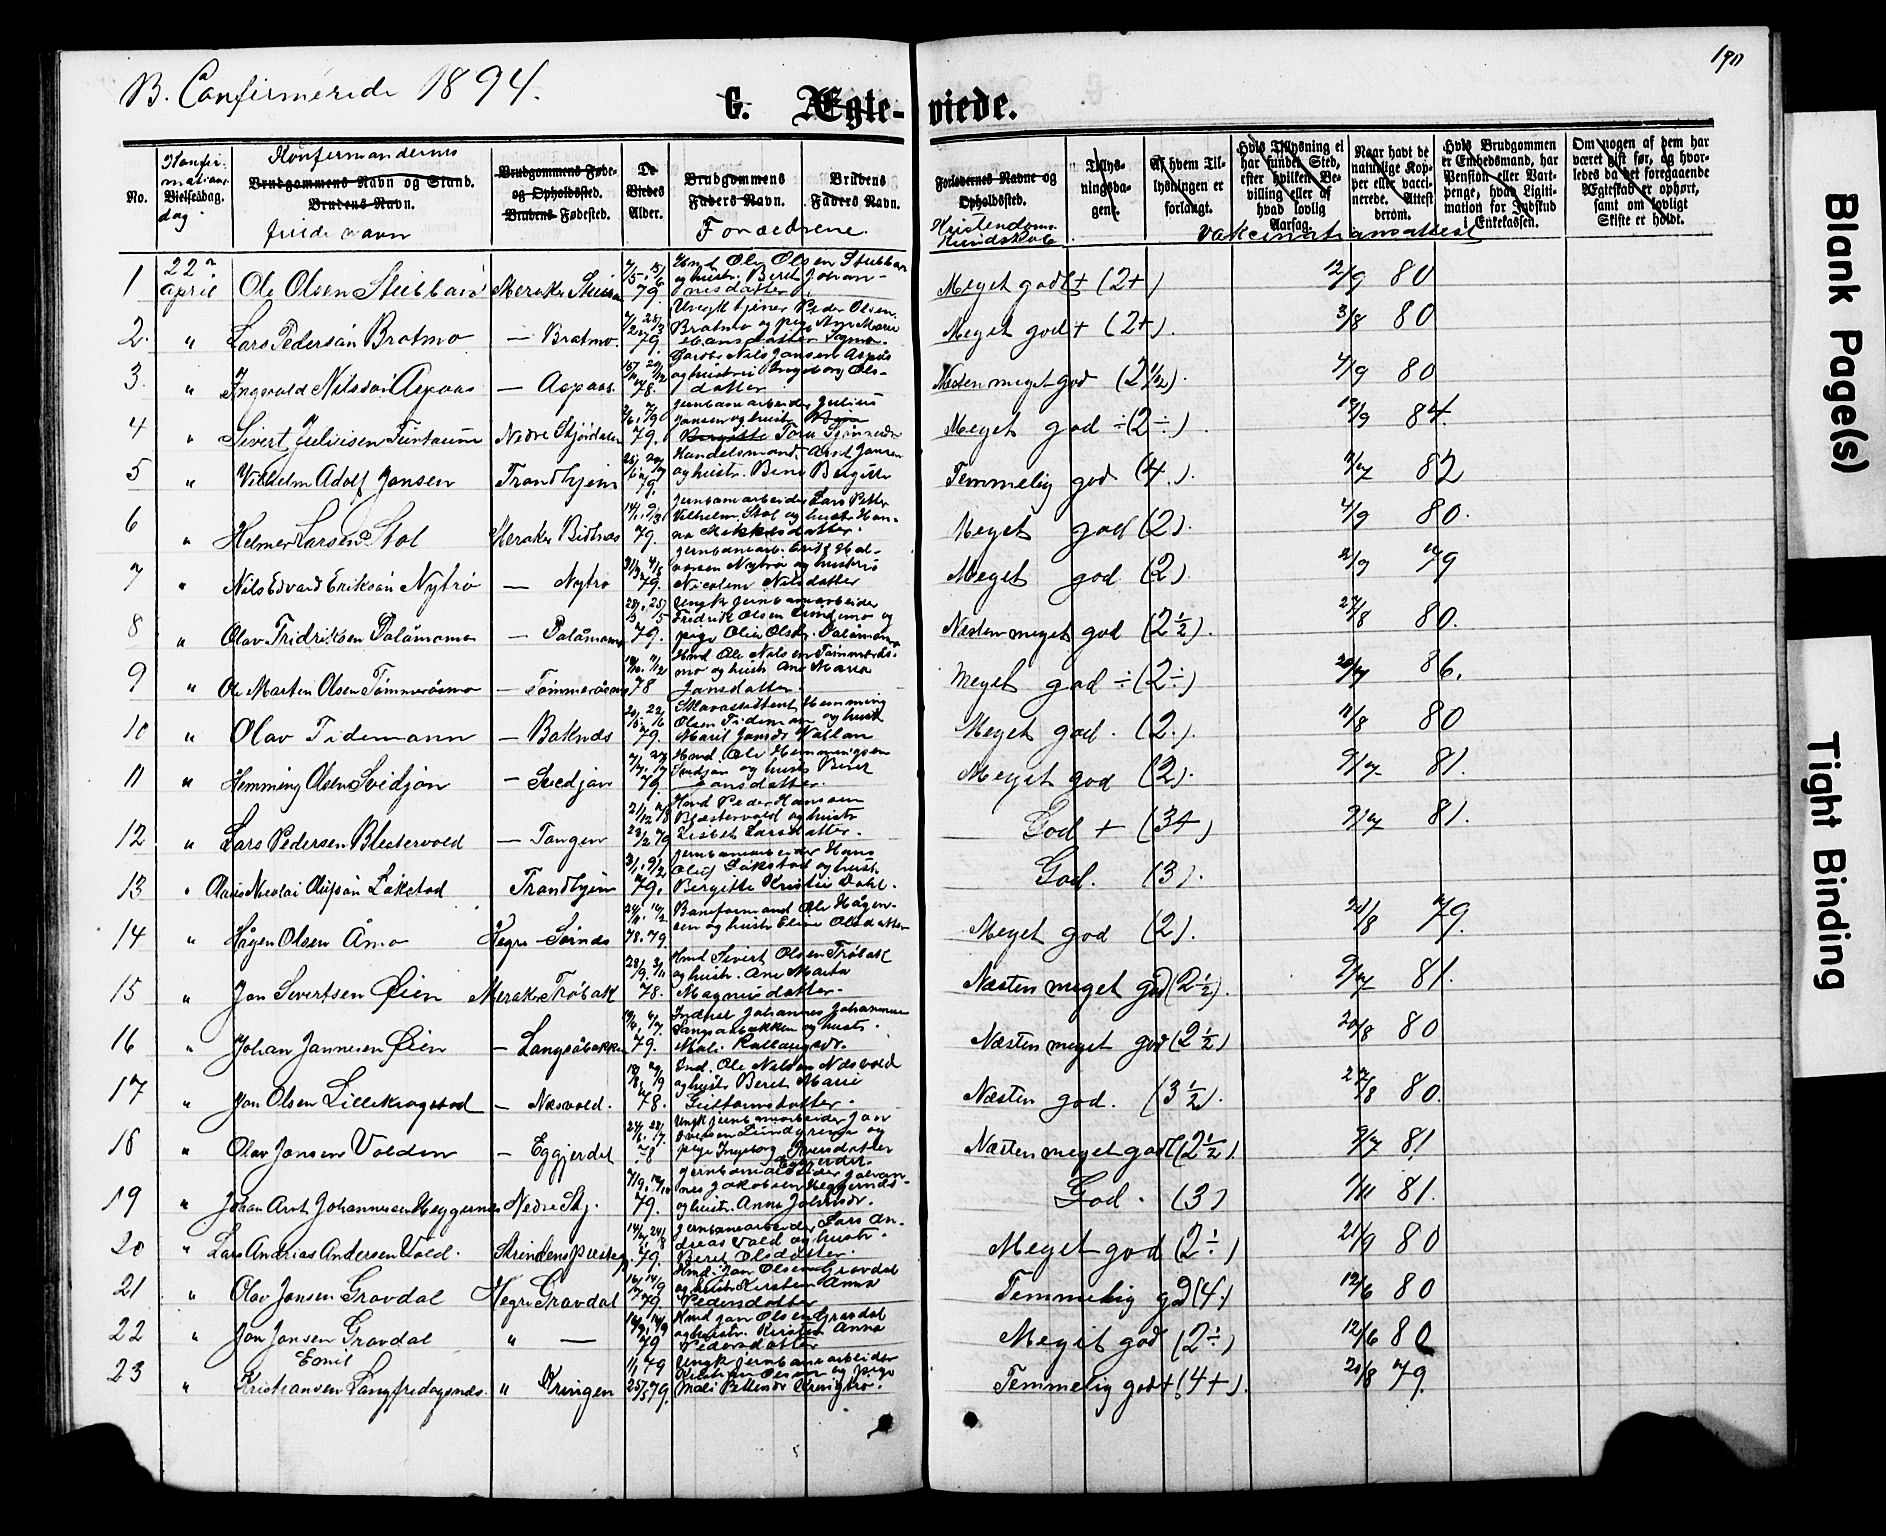 SAT, Ministerialprotokoller, klokkerbøker og fødselsregistre - Nord-Trøndelag, 706/L0049: Klokkerbok nr. 706C01, 1864-1895, s. 190